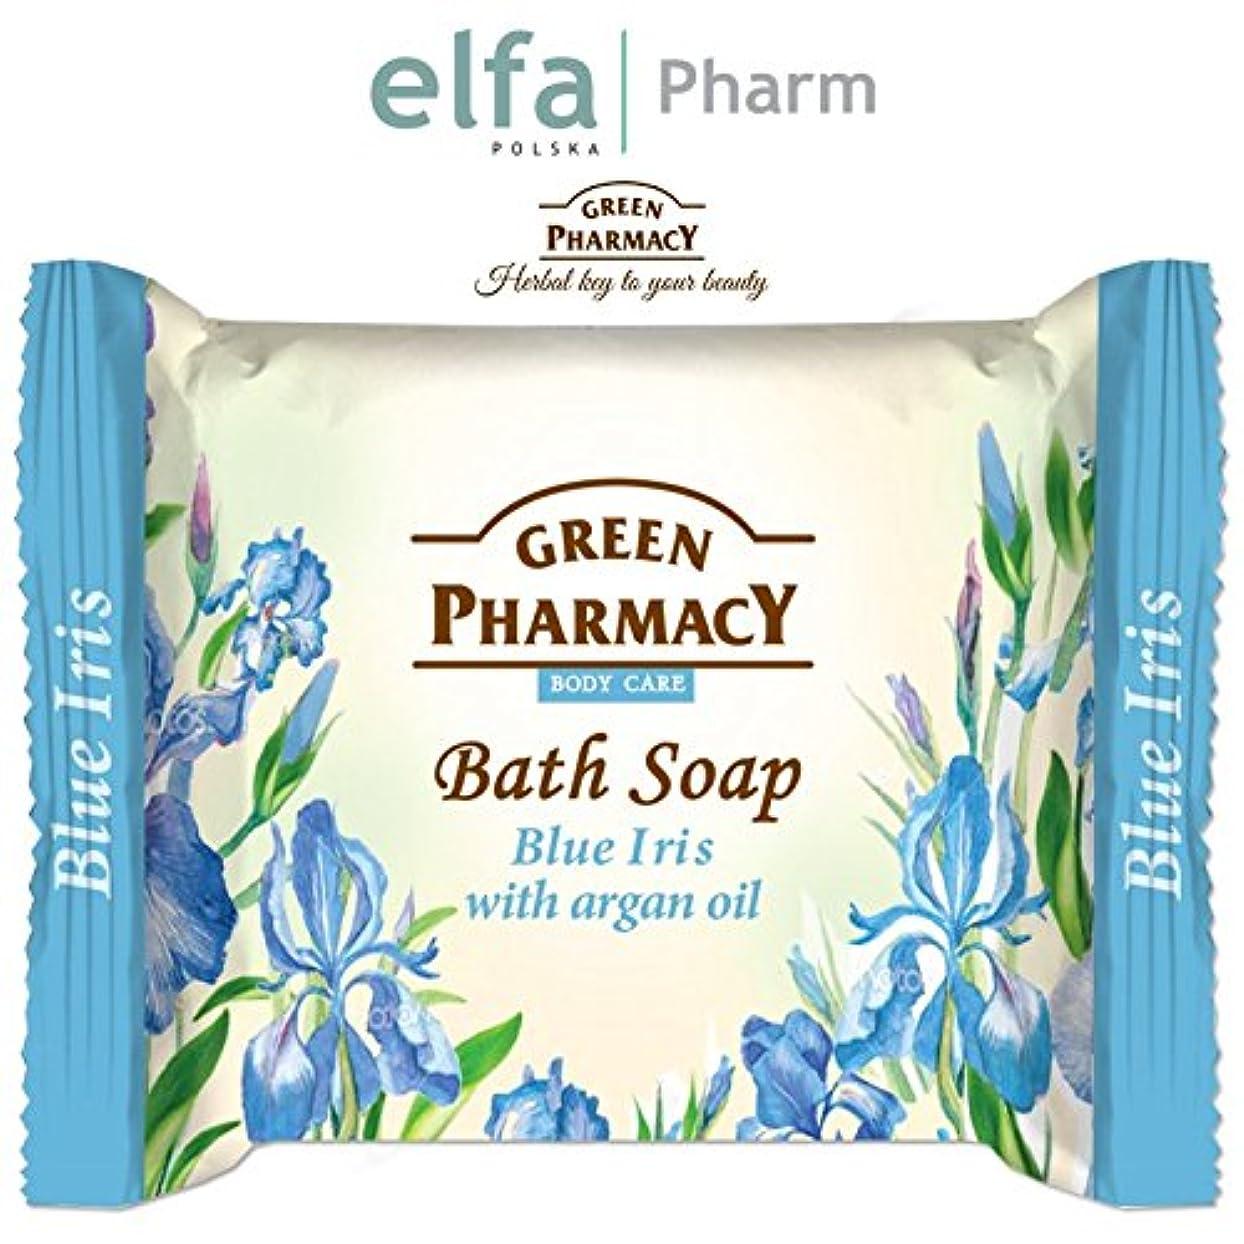 機械的保証金きらきら石鹸 固形 安心?安全 古代からのハーブの知識を生かして作られた固形せっけん ポーランドのグリーンファーマシー elfa Pharm Green Pharmacy Bath Soap Blue Iris with Argan...